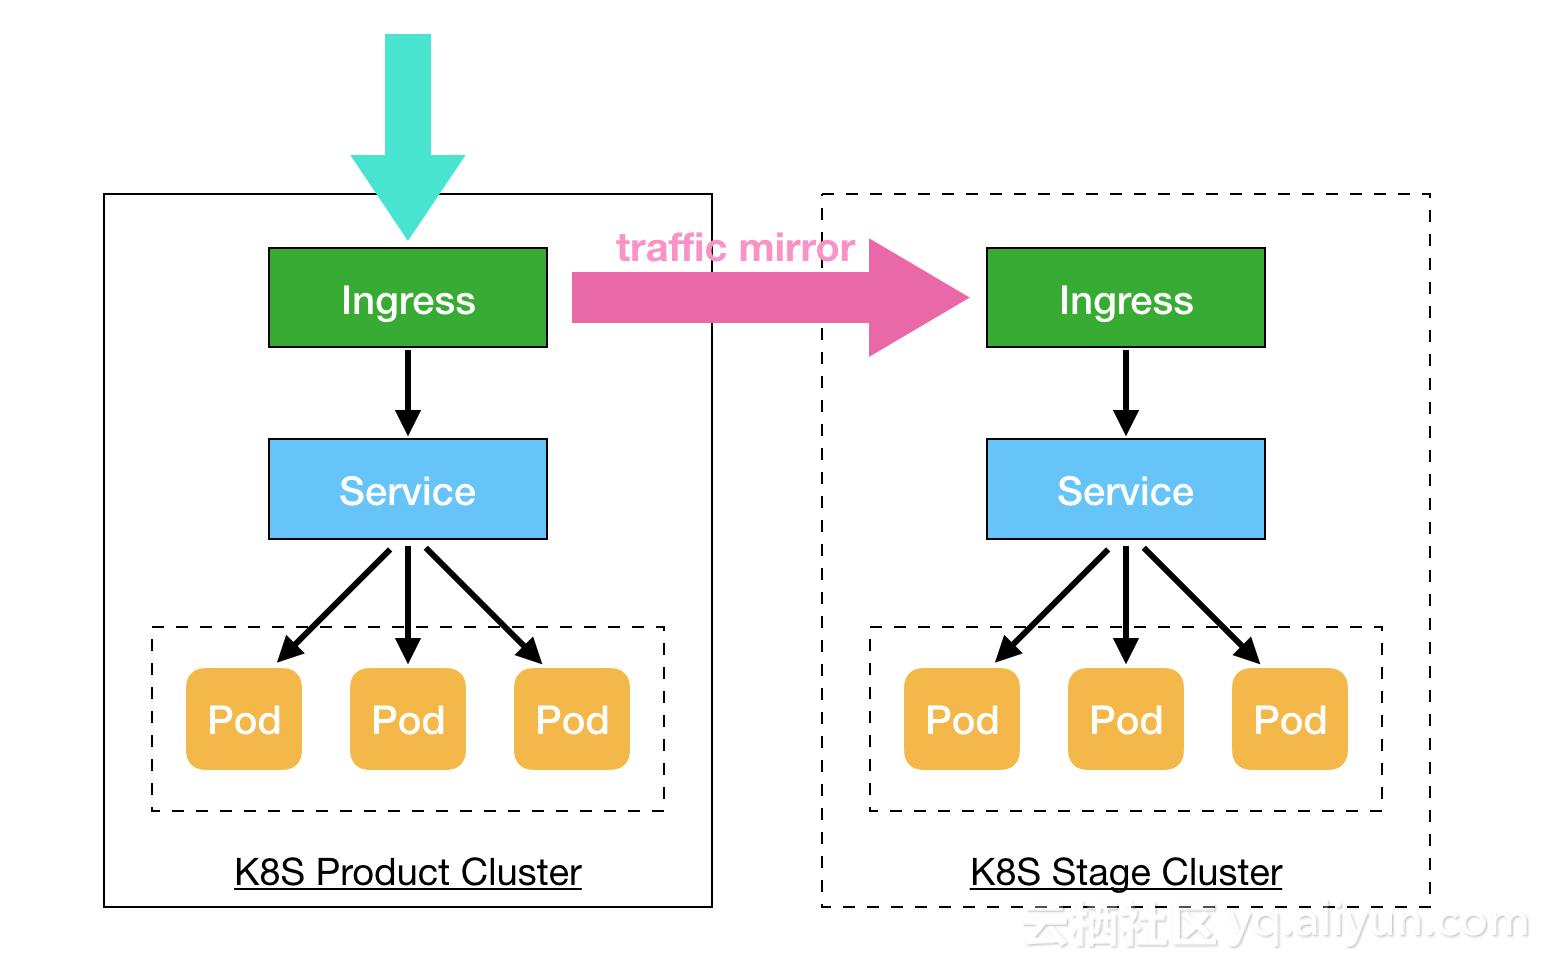 通过K8S Ingress Controller来实现应用的流量复制